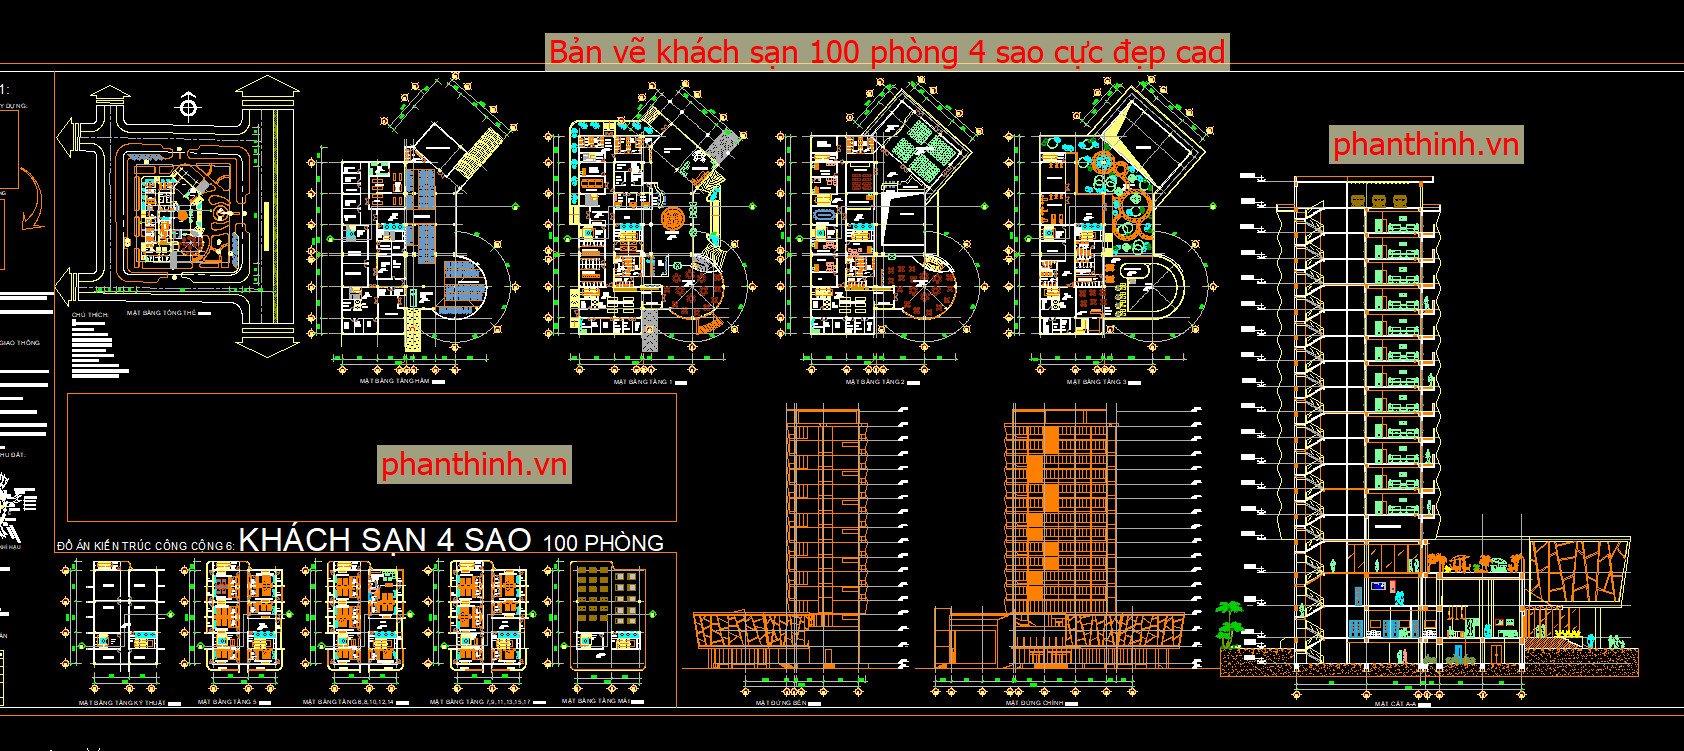 Bản vẽ khách sạn 100 phòng 4 sao cực đẹp - File cad resort